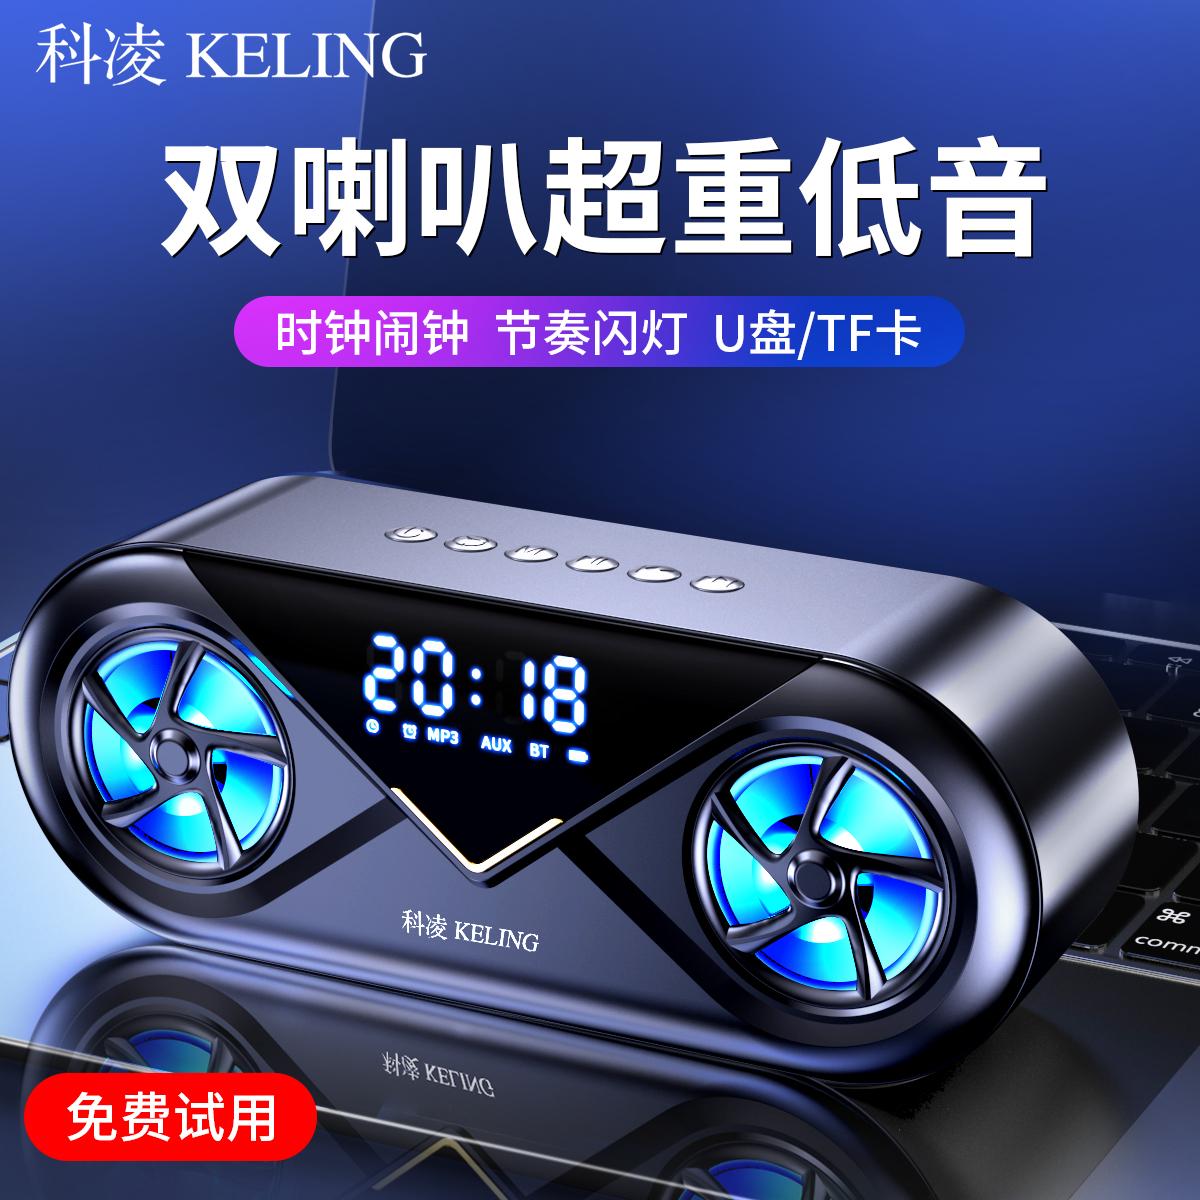 科凌无线蓝牙音箱双喇叭大音量3D环绕家用闹钟小型迷你音响手机超重淘宝优惠券